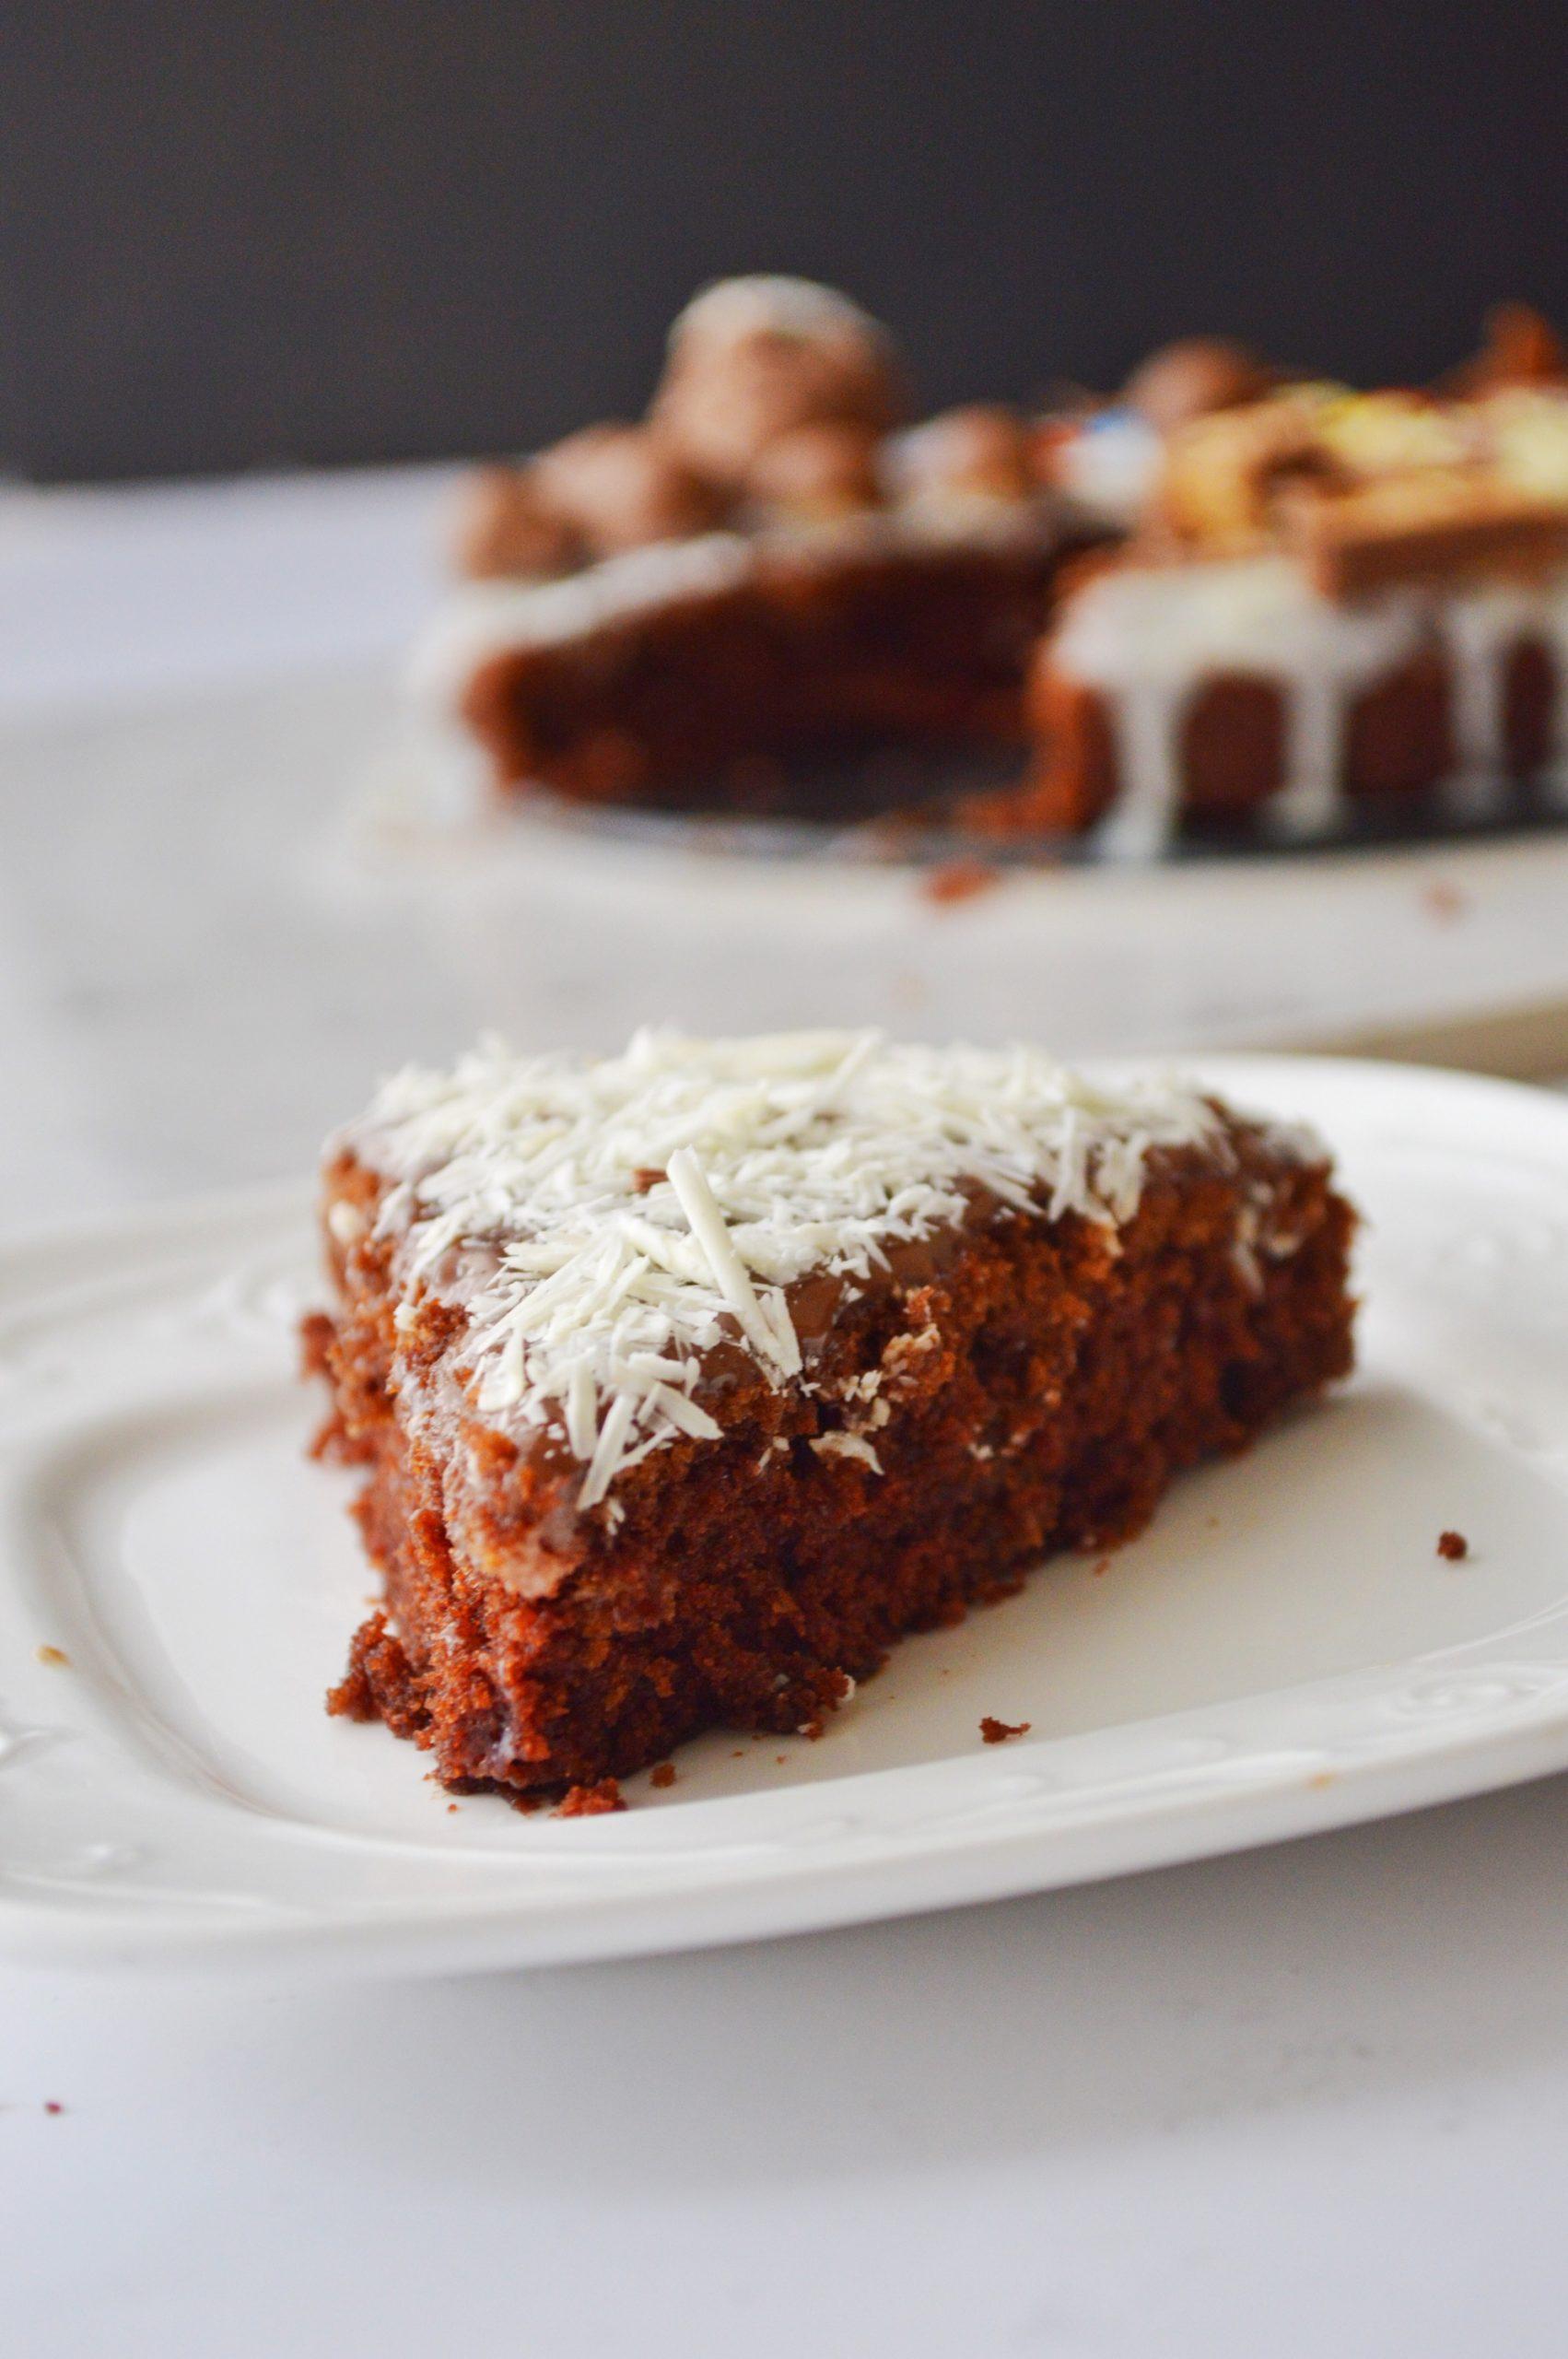 Hersheys Super Chocolate Cake Recipe